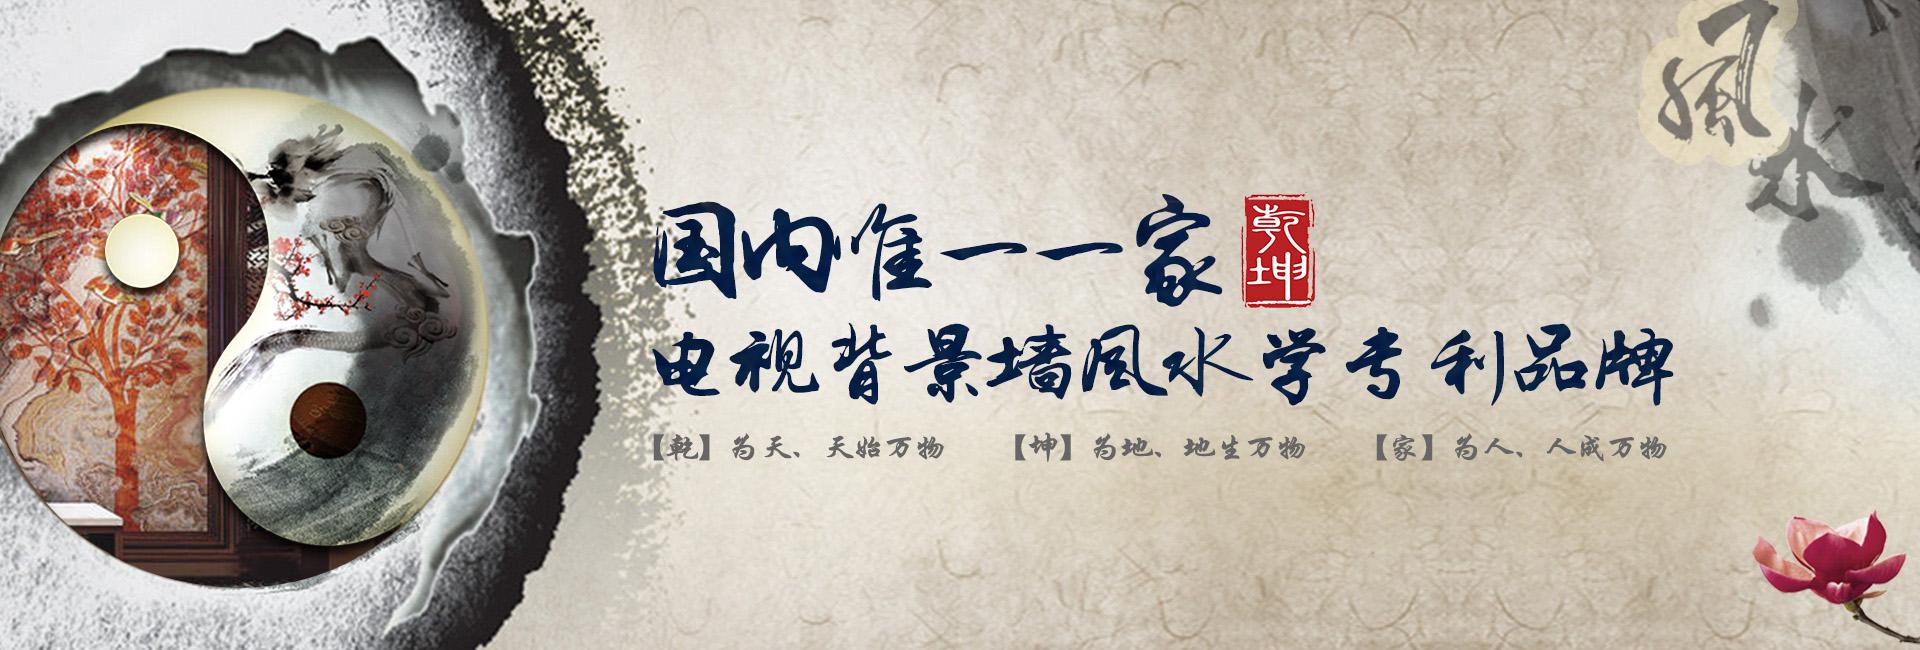 乾坤背景-客厅电视青娱乐视频分类精品400+店面